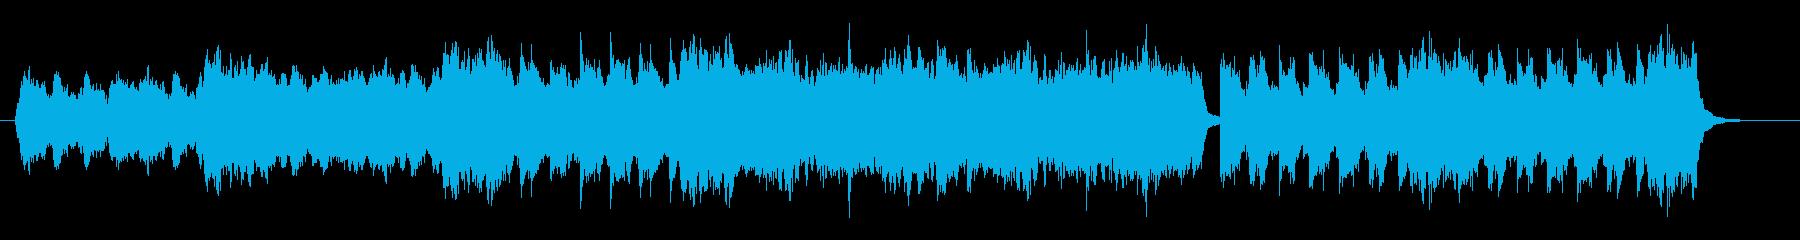 ストリングスによる幻想的な雰囲気の再生済みの波形